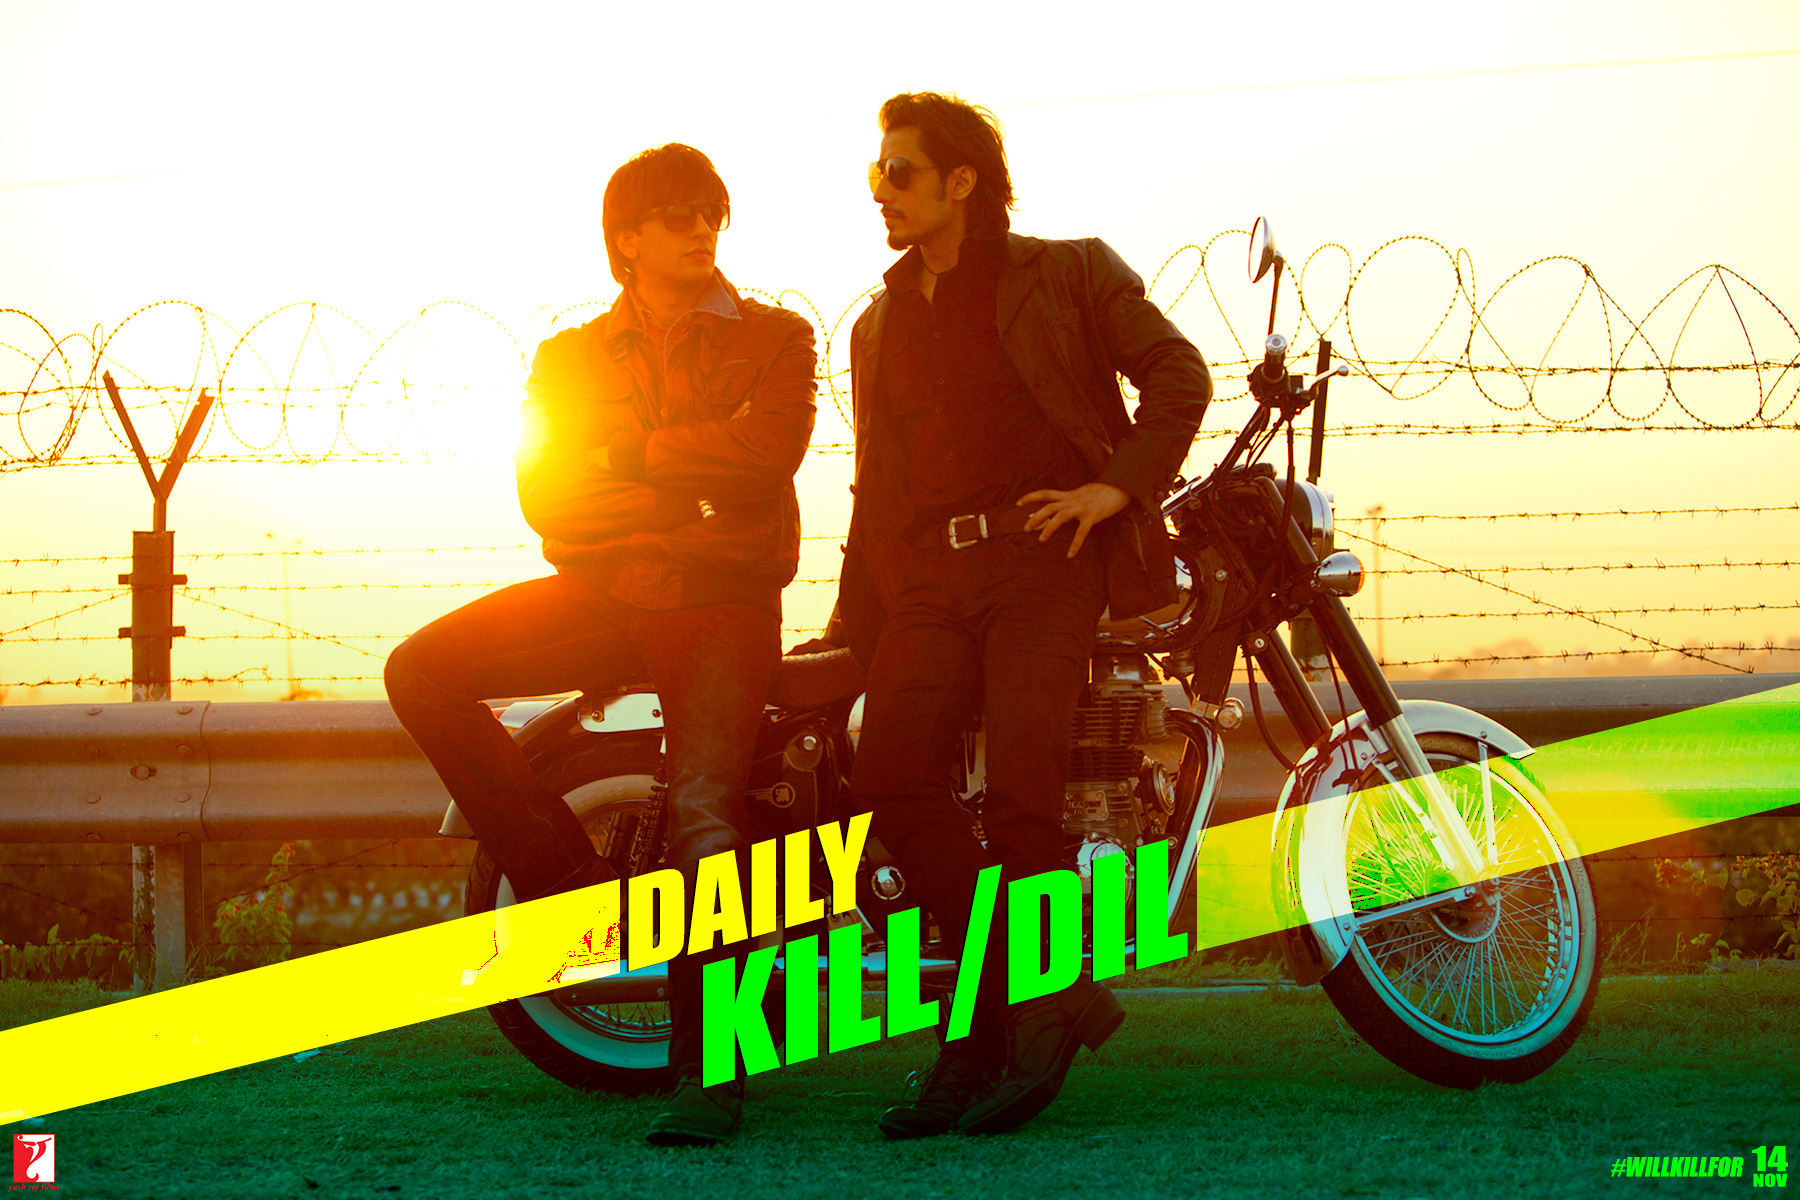 4killdilOctday1